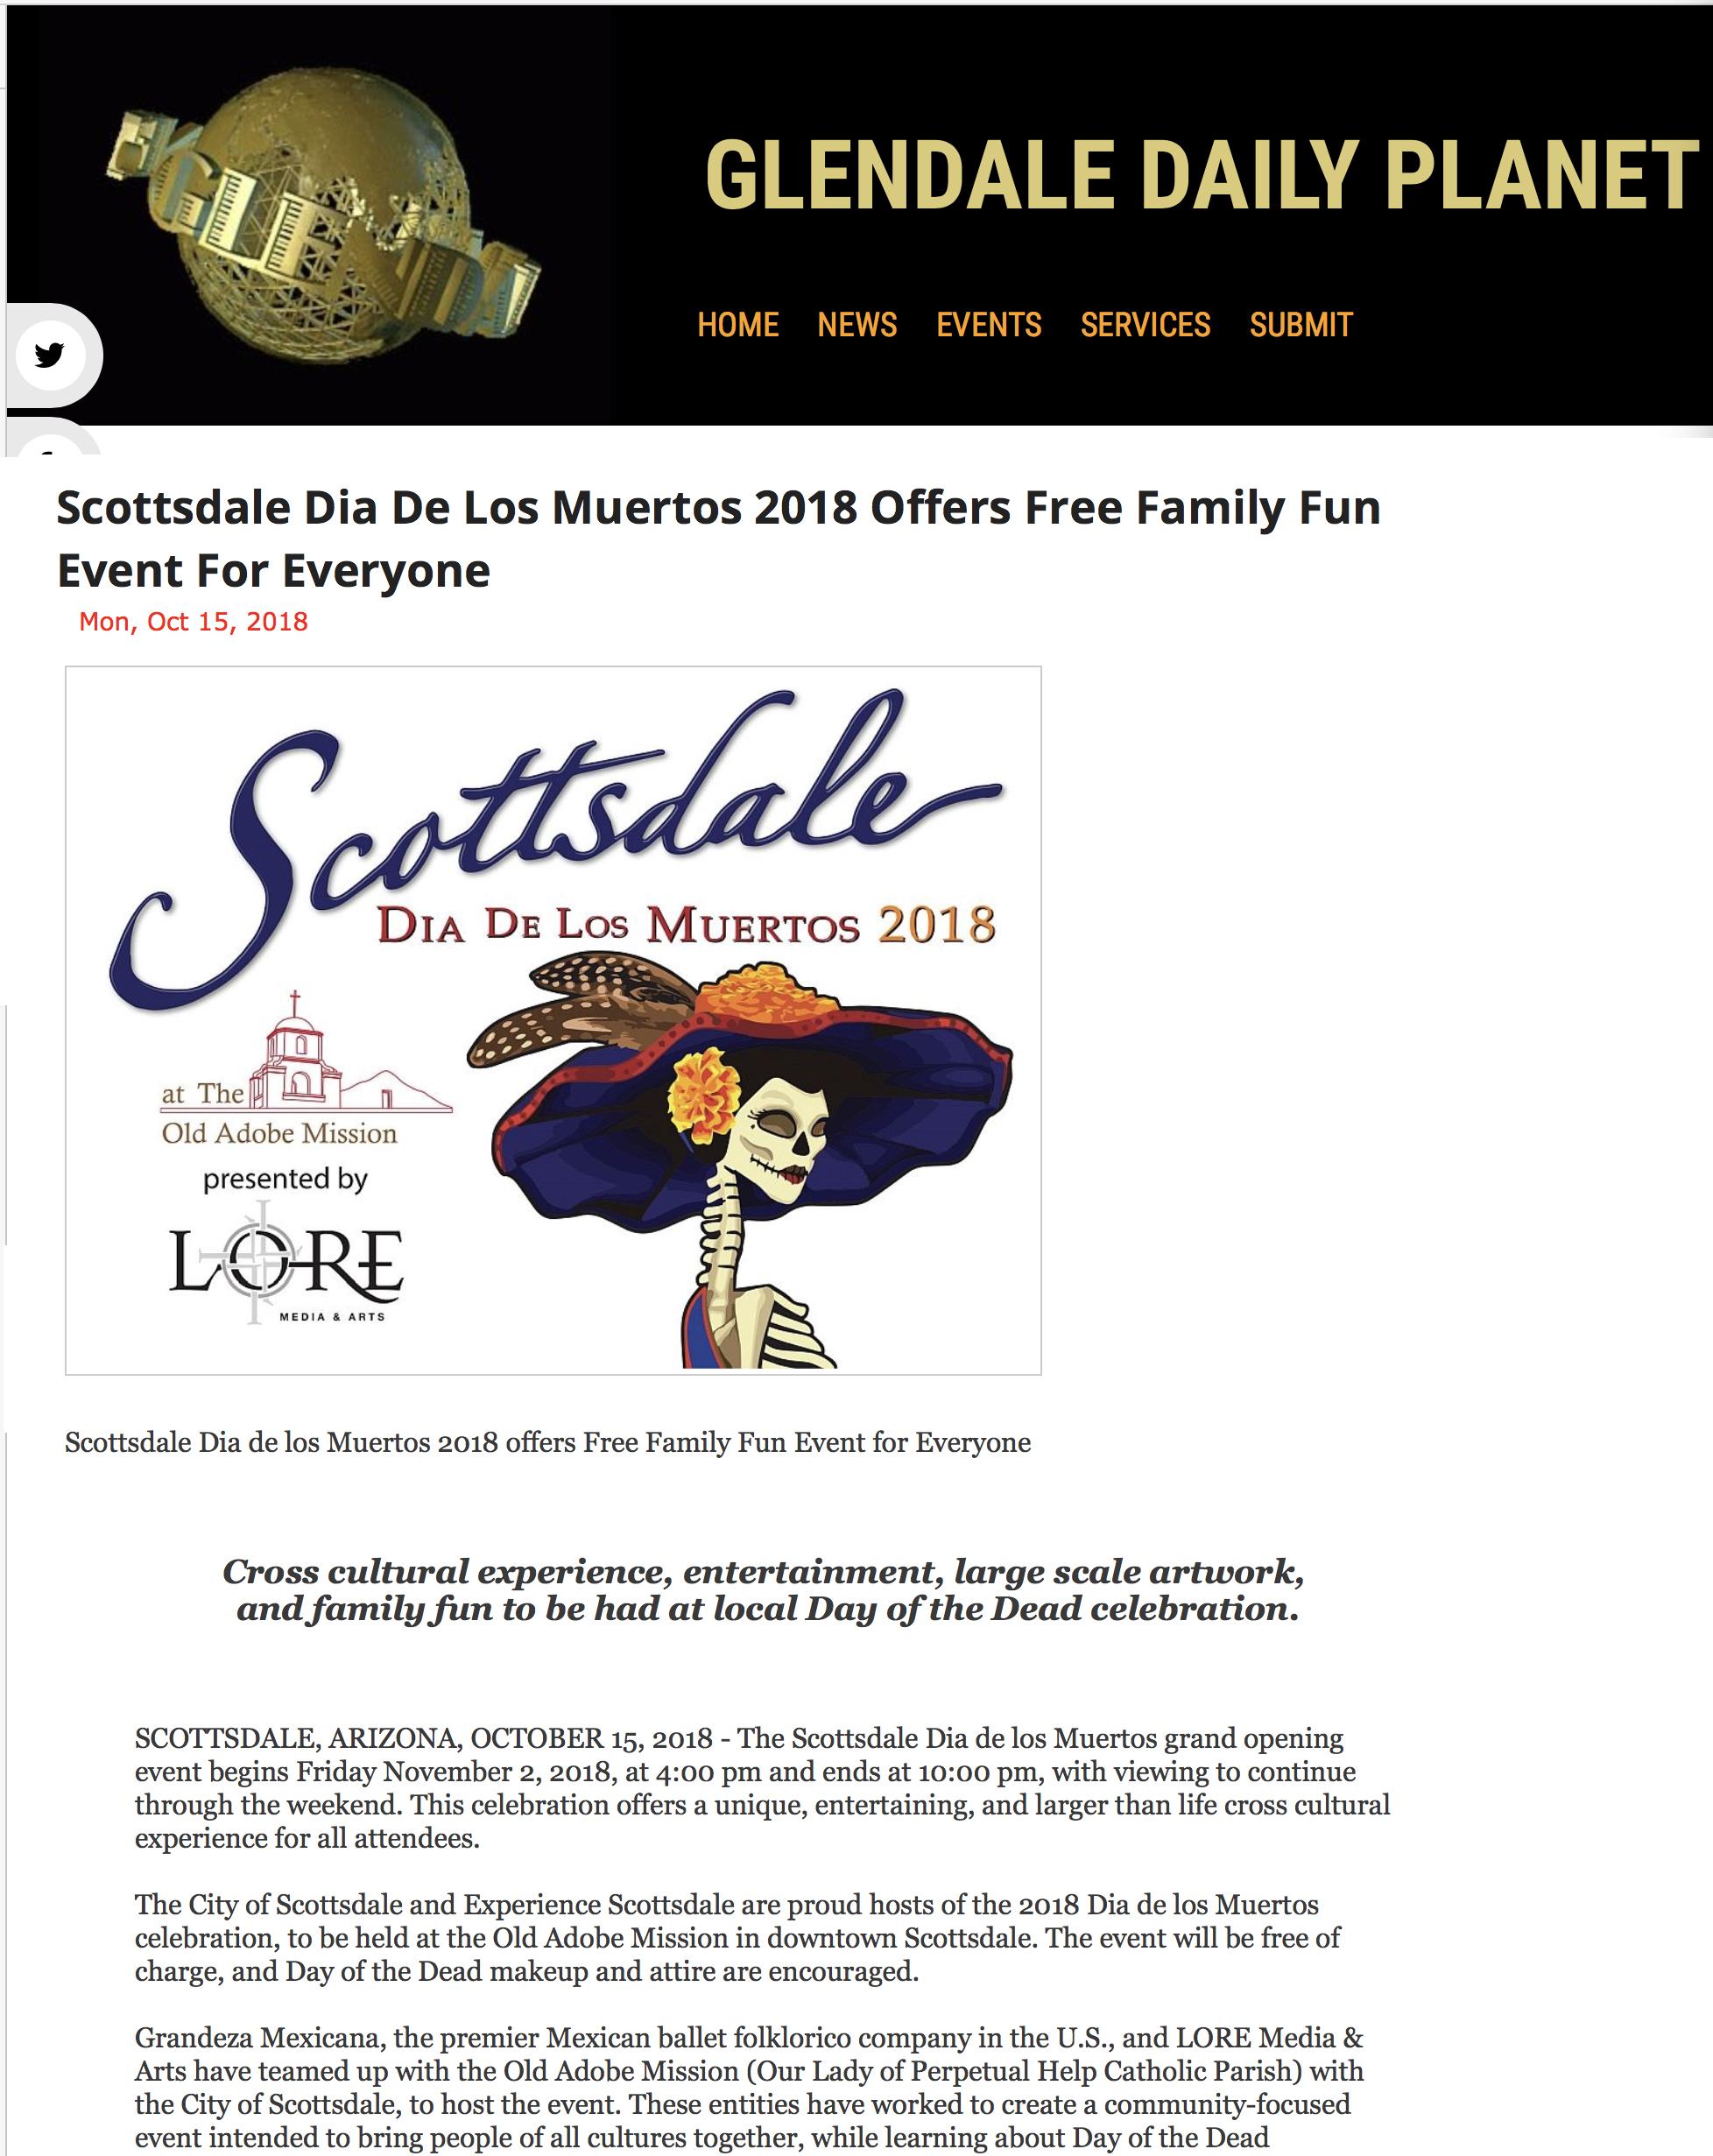 GlendaleDailyPlanet-Scottsdale DDLM Story.jpg